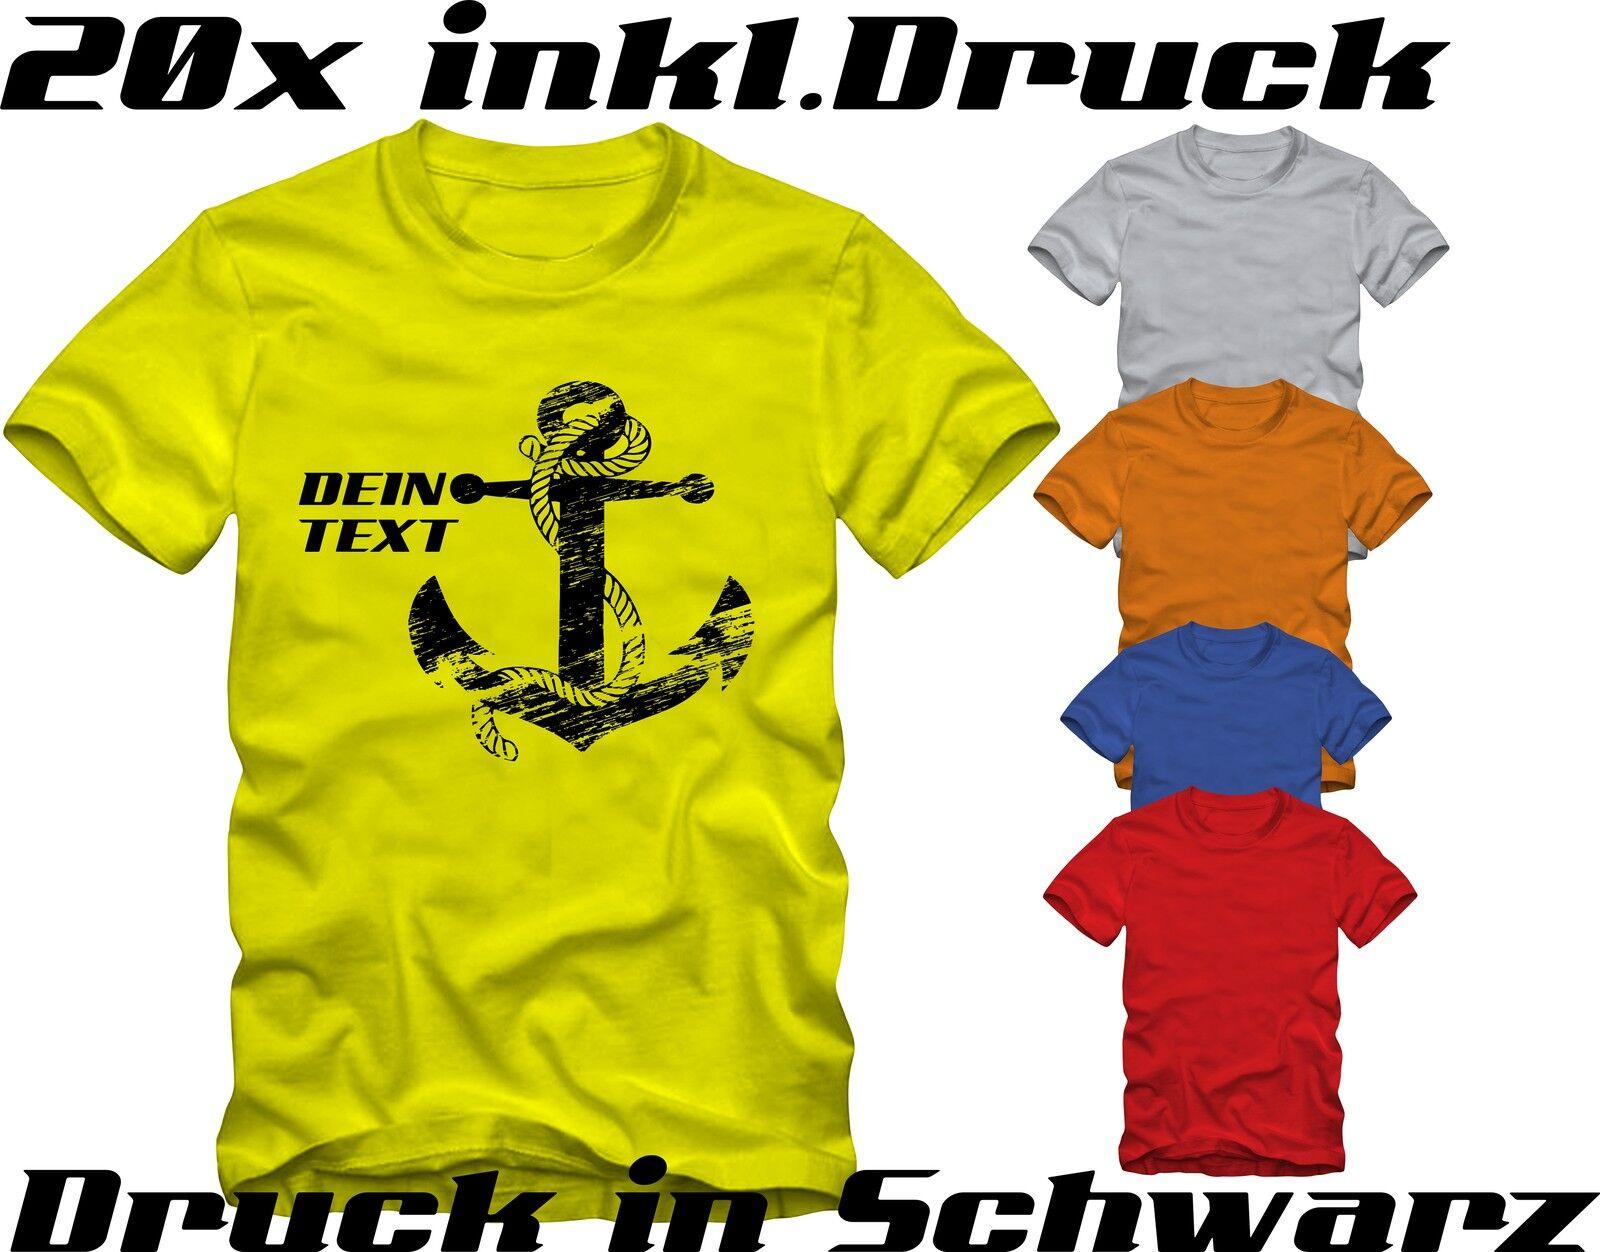 20 T-Shirts bedrucken lassen Textildirektdruck.